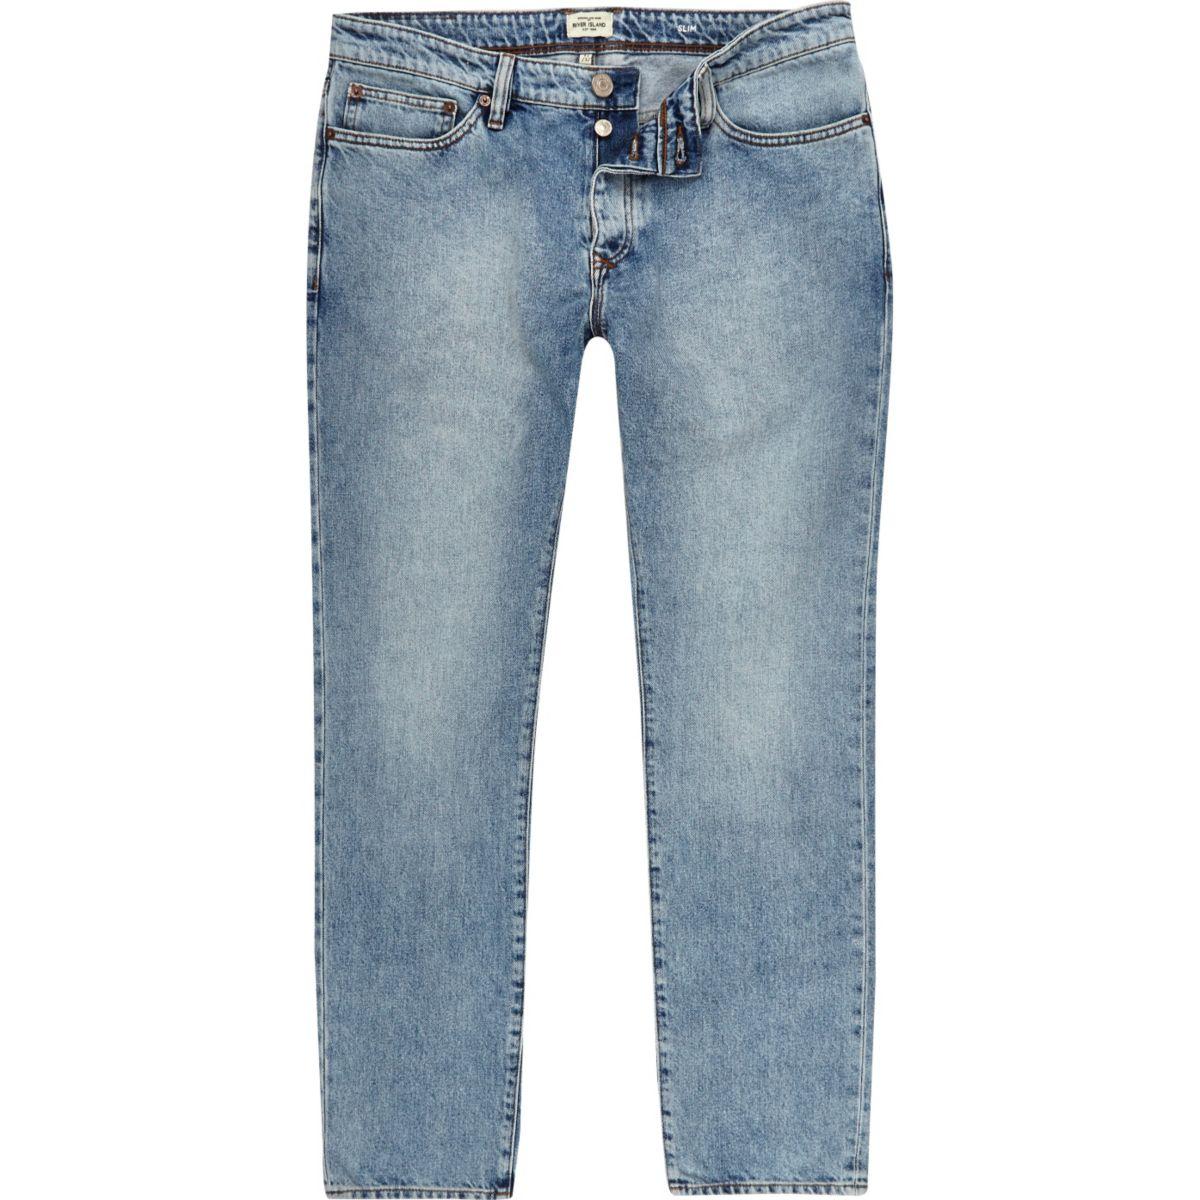 Light blue wash Dylan slim fit jeans